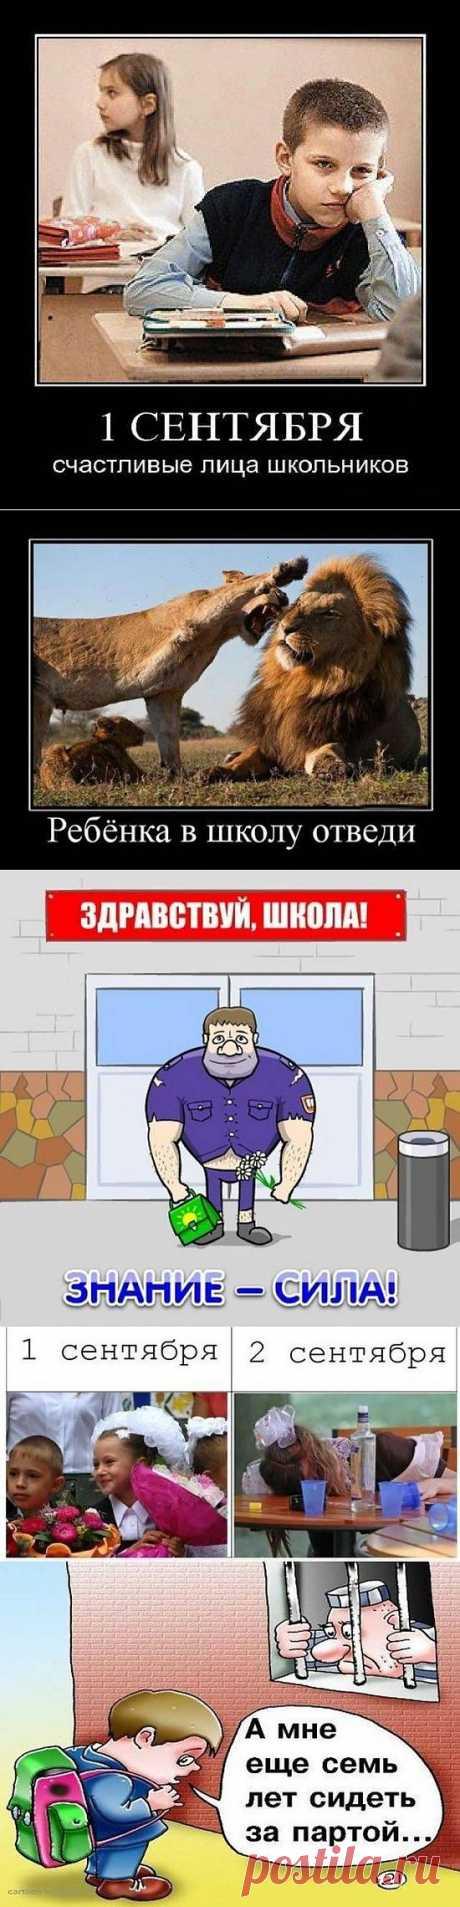 Приколы к первому сентября / Приколы